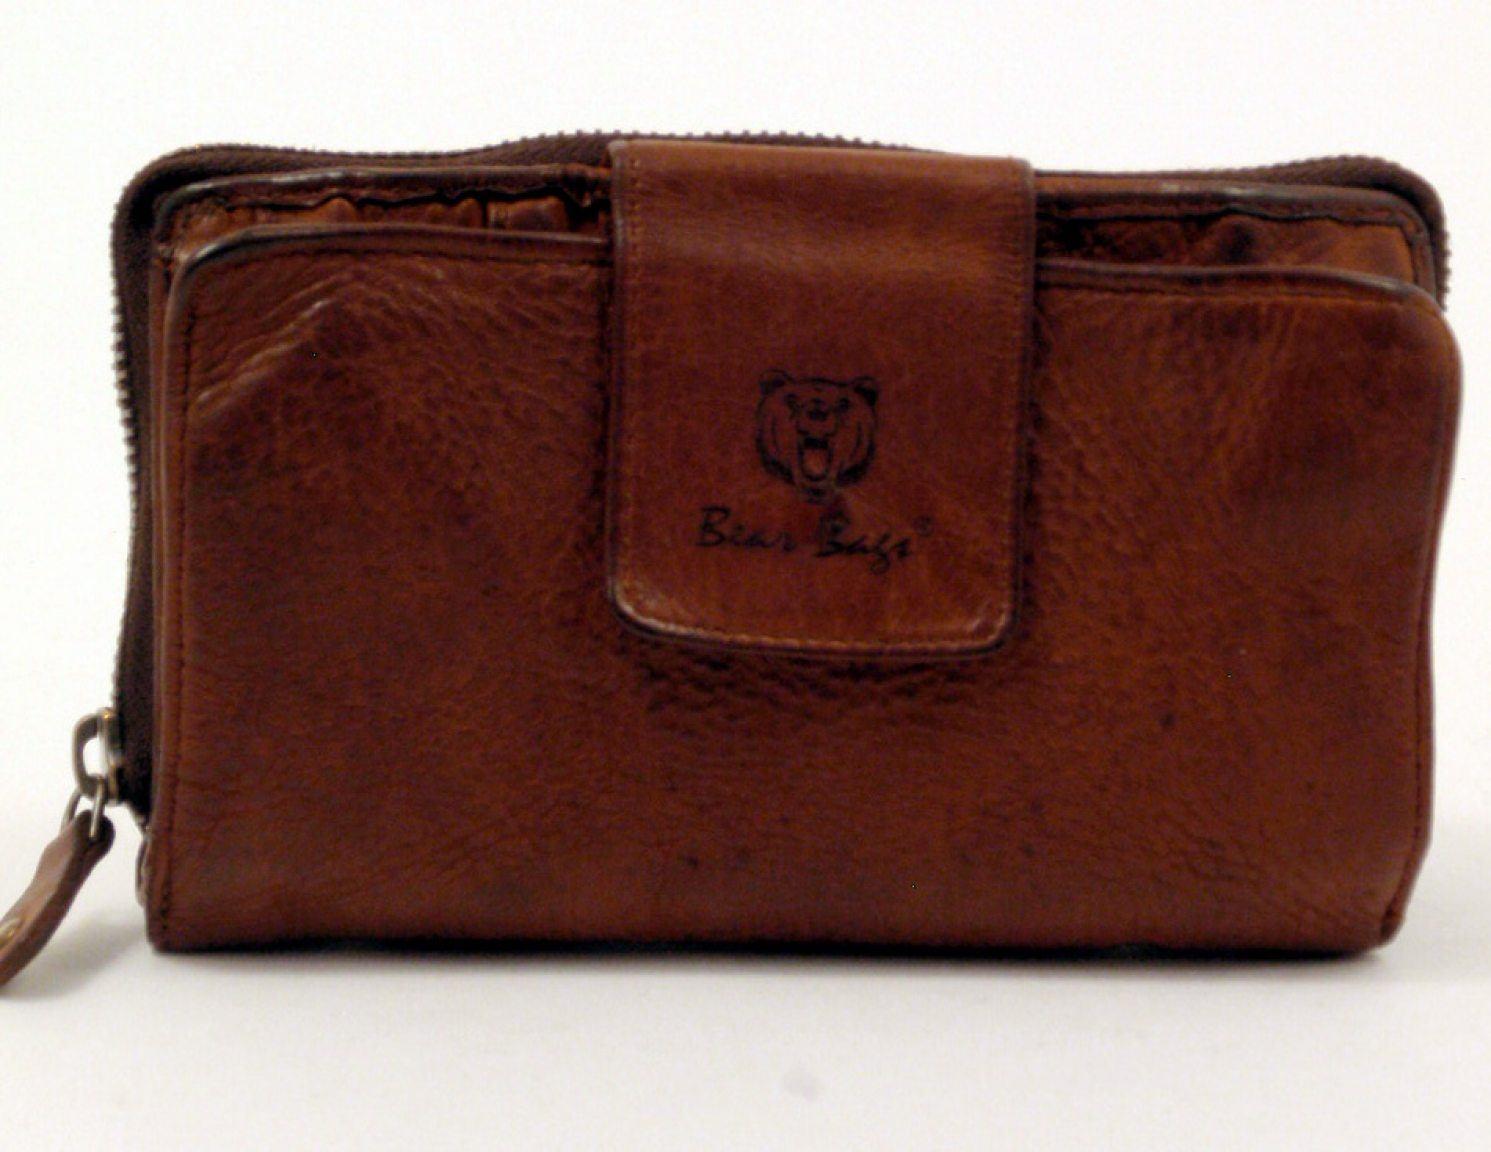 bear bags Geldbörse Leder cognac